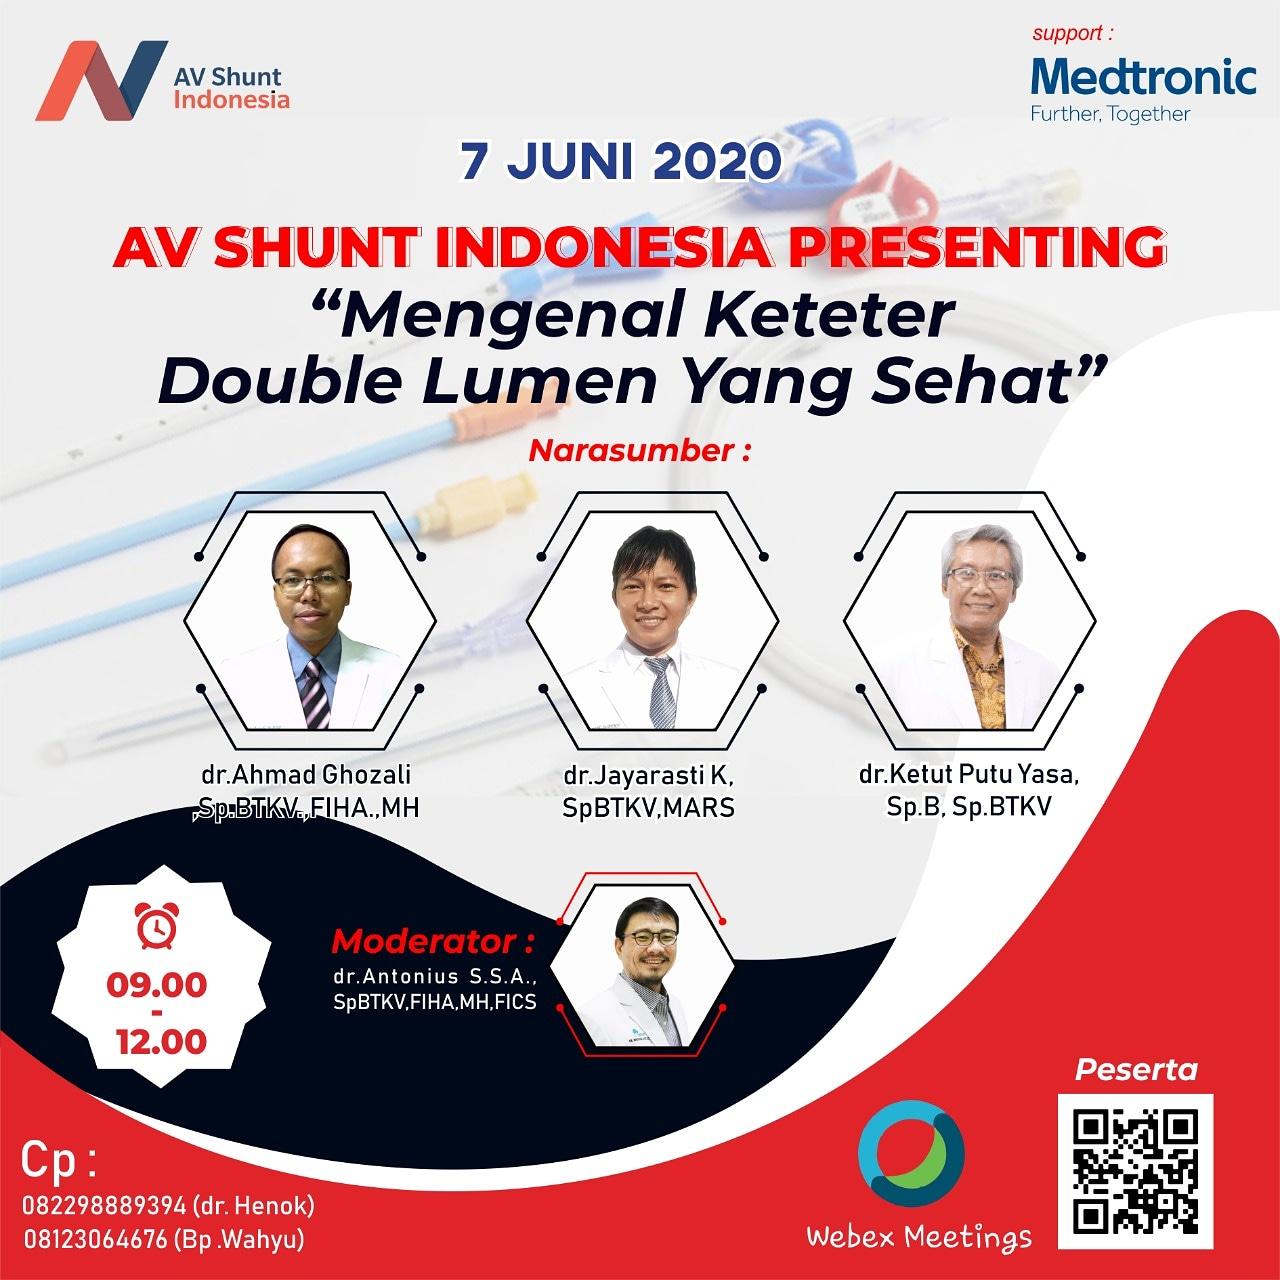 http://avshuntindonesia.com/images/blog/BLOG__mengenal-kateter-double-lumen-yang-sehat__20200922062110.jpg